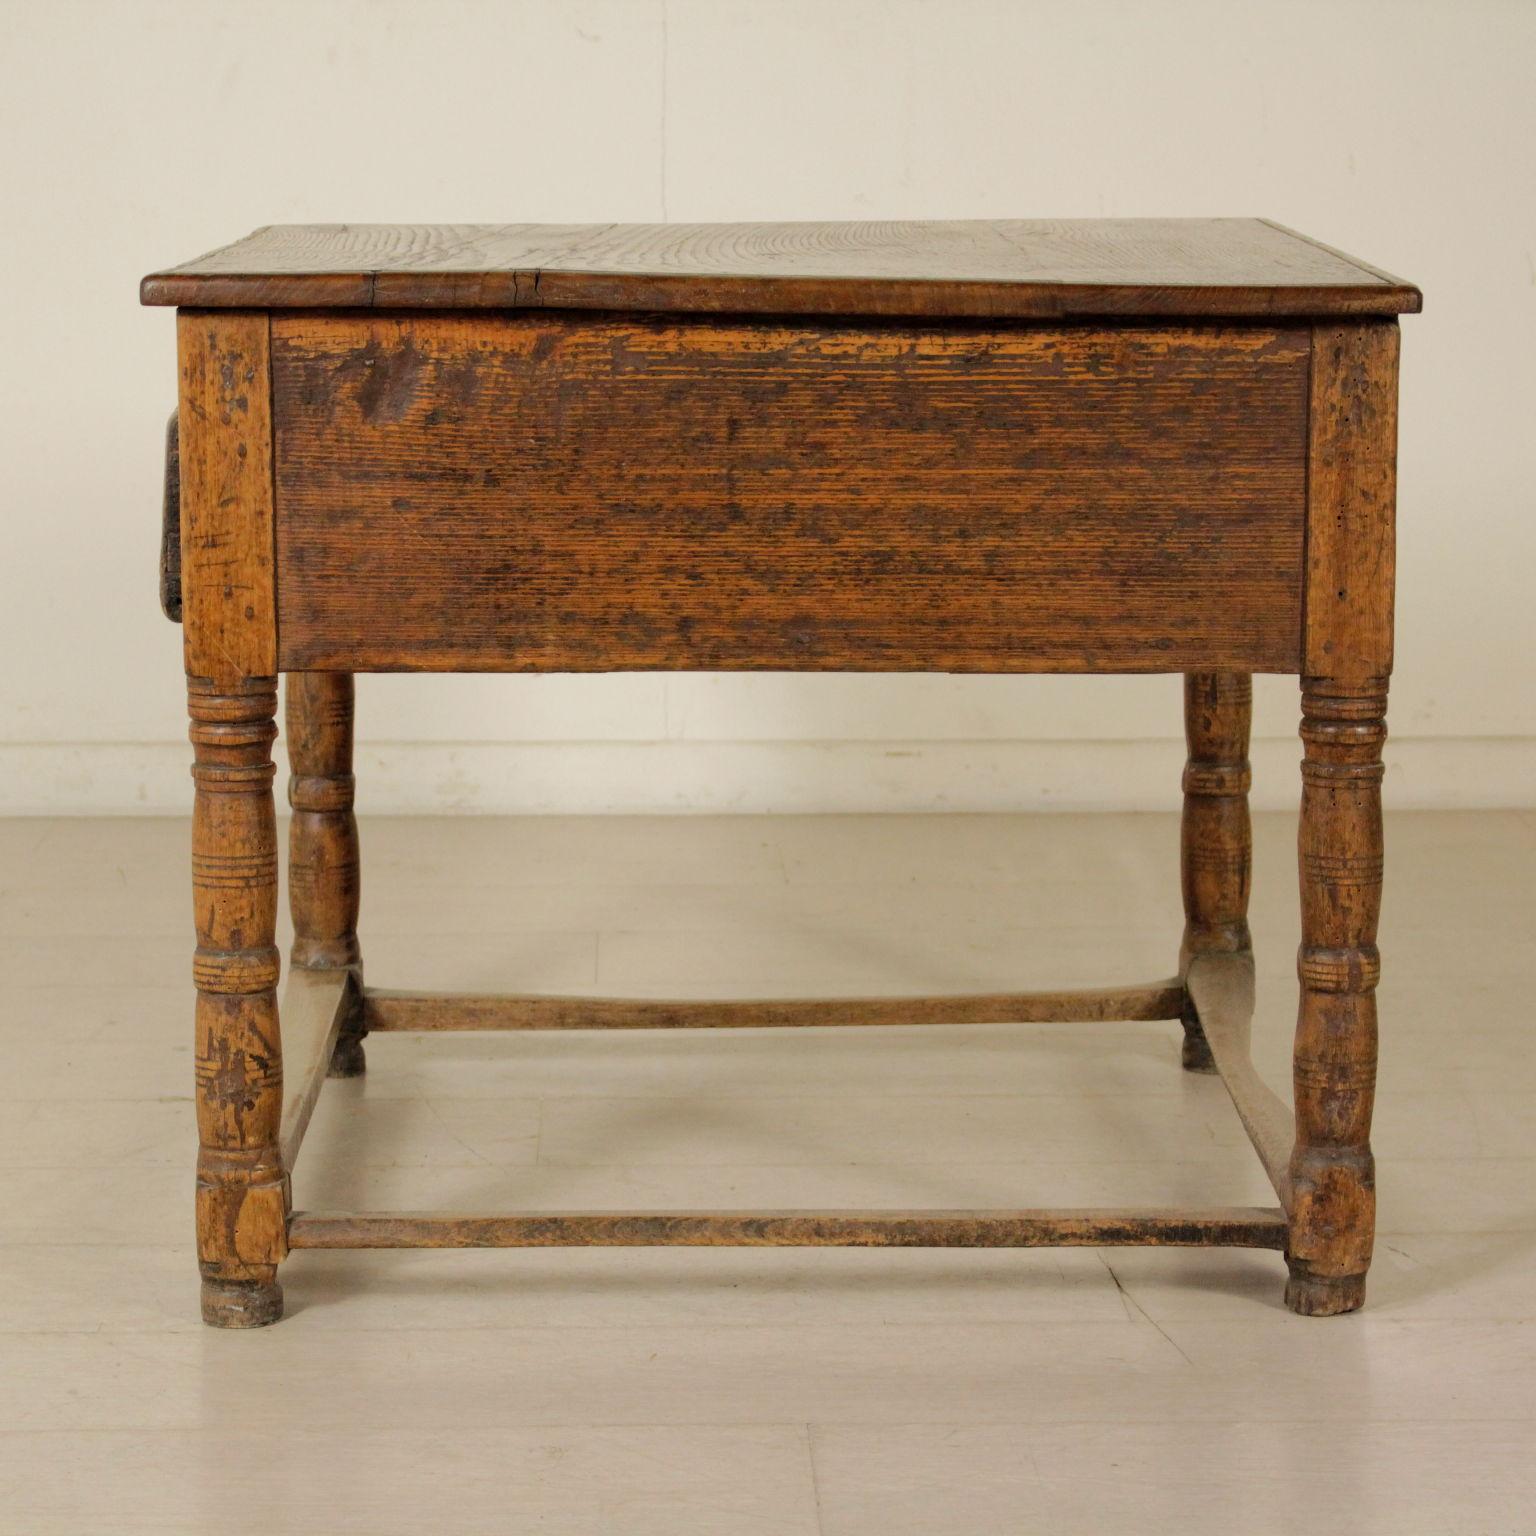 petit banc de travail tables basses antiquit s. Black Bedroom Furniture Sets. Home Design Ideas